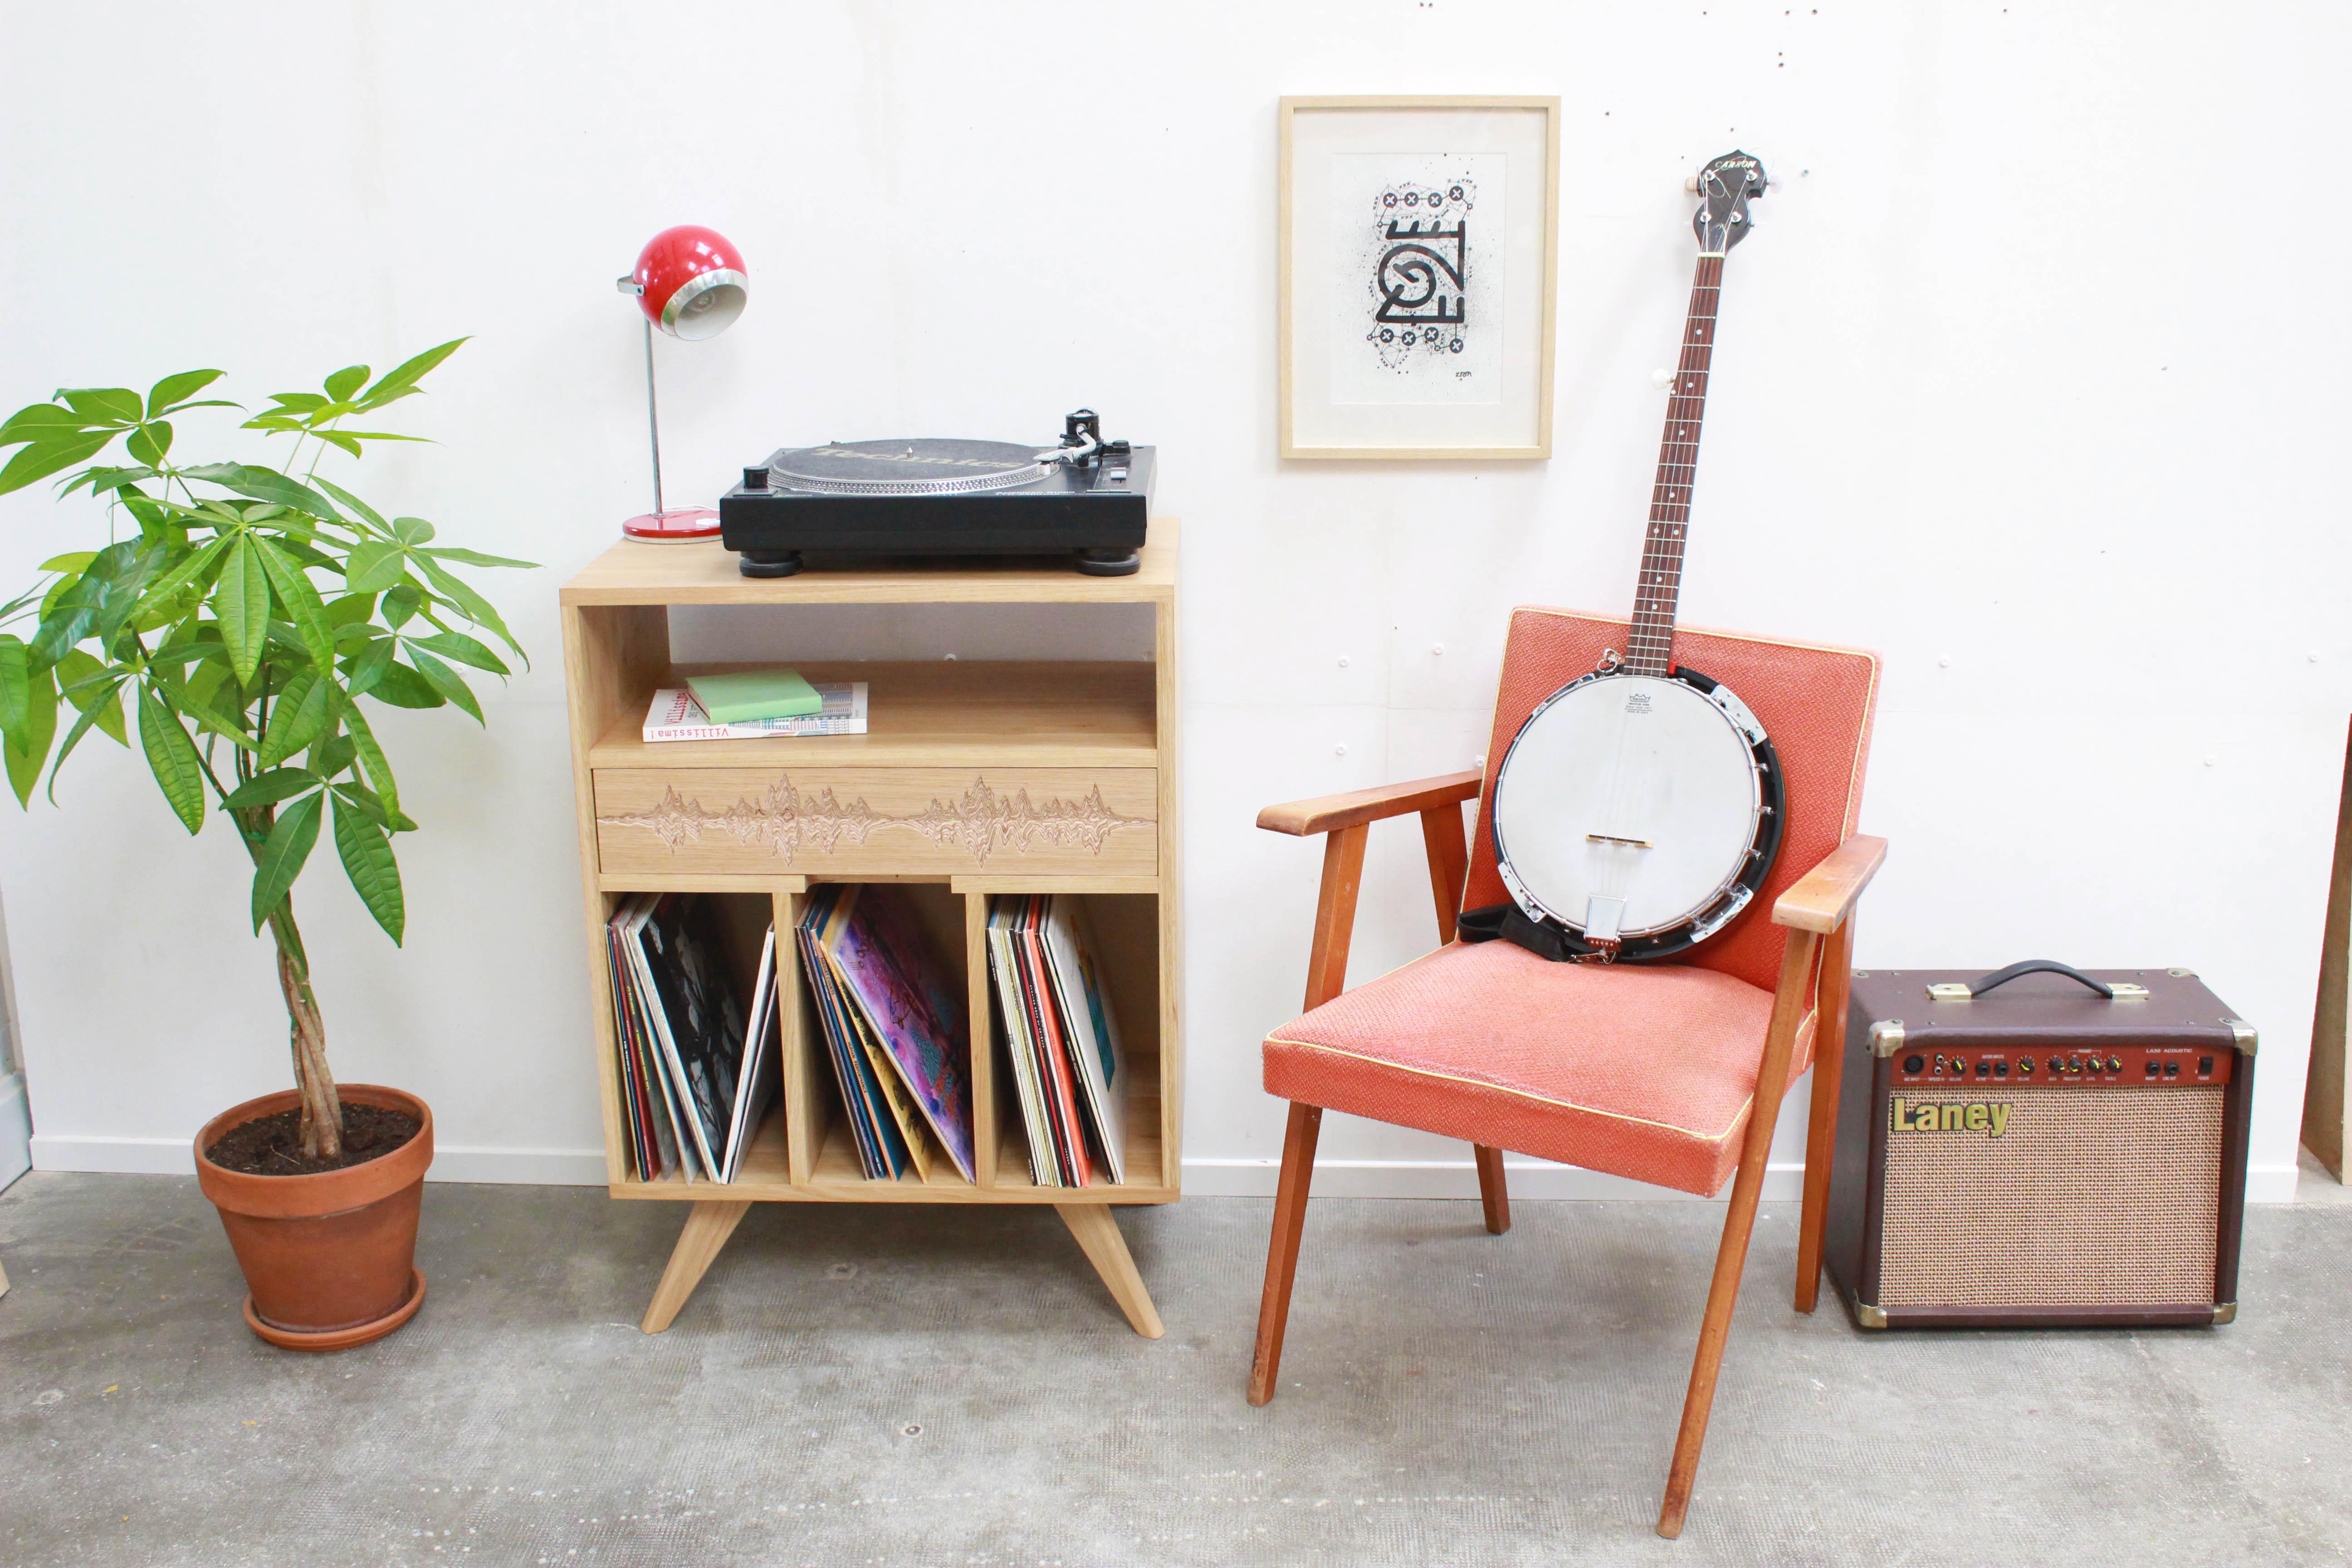 meuble pour platine vinyle l 39 inatelier design. Black Bedroom Furniture Sets. Home Design Ideas